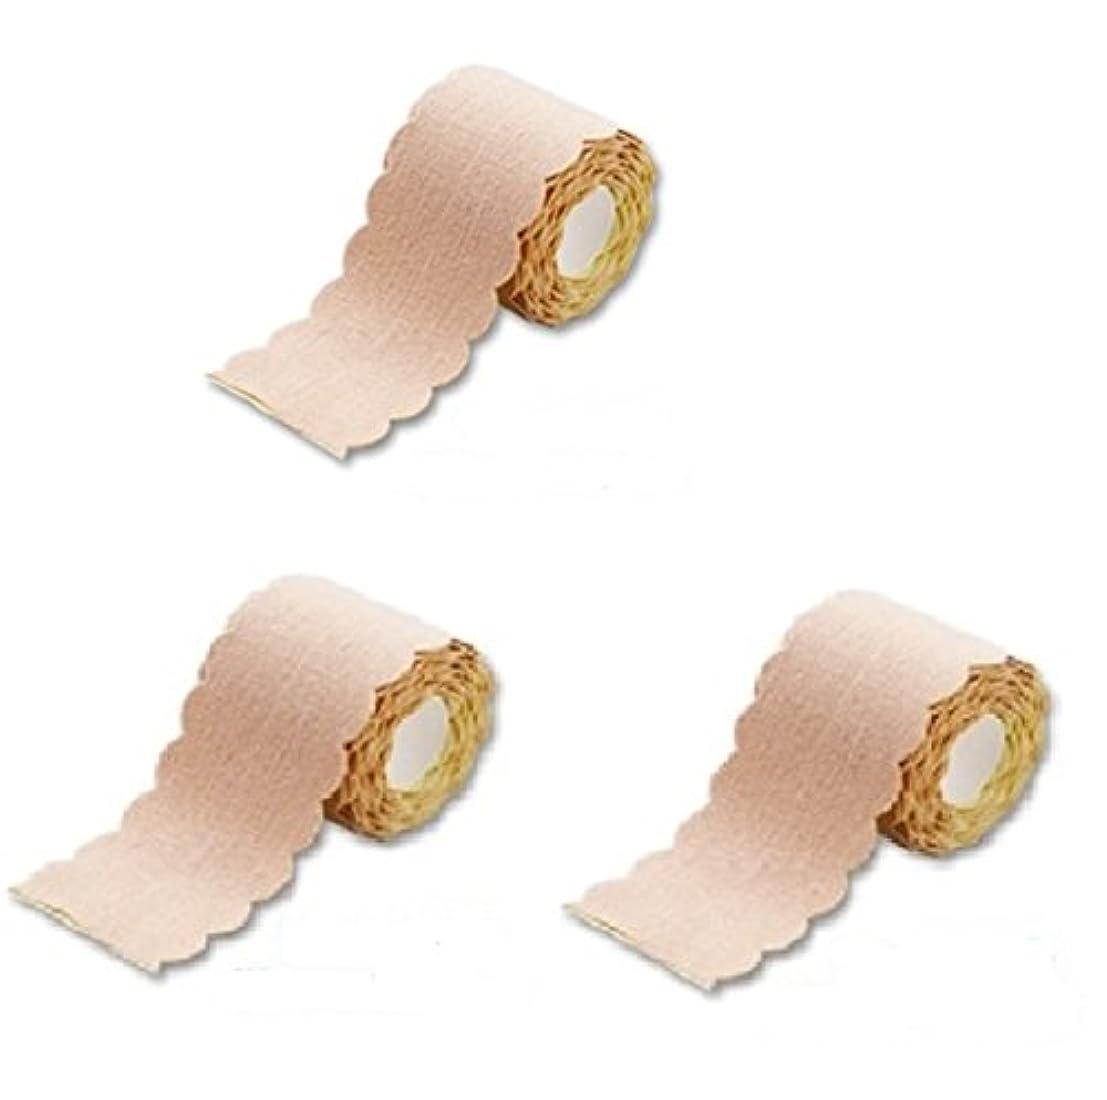 矢ブラスト自分自身直接貼るからズレない汗シート! 汗取りパッド ワキに直接貼る汗とりシート ロールタイプ 3m×3個セット (たっぷり9m 特別お得セット)まとめ割 脇汗ジミ わき汗 対策